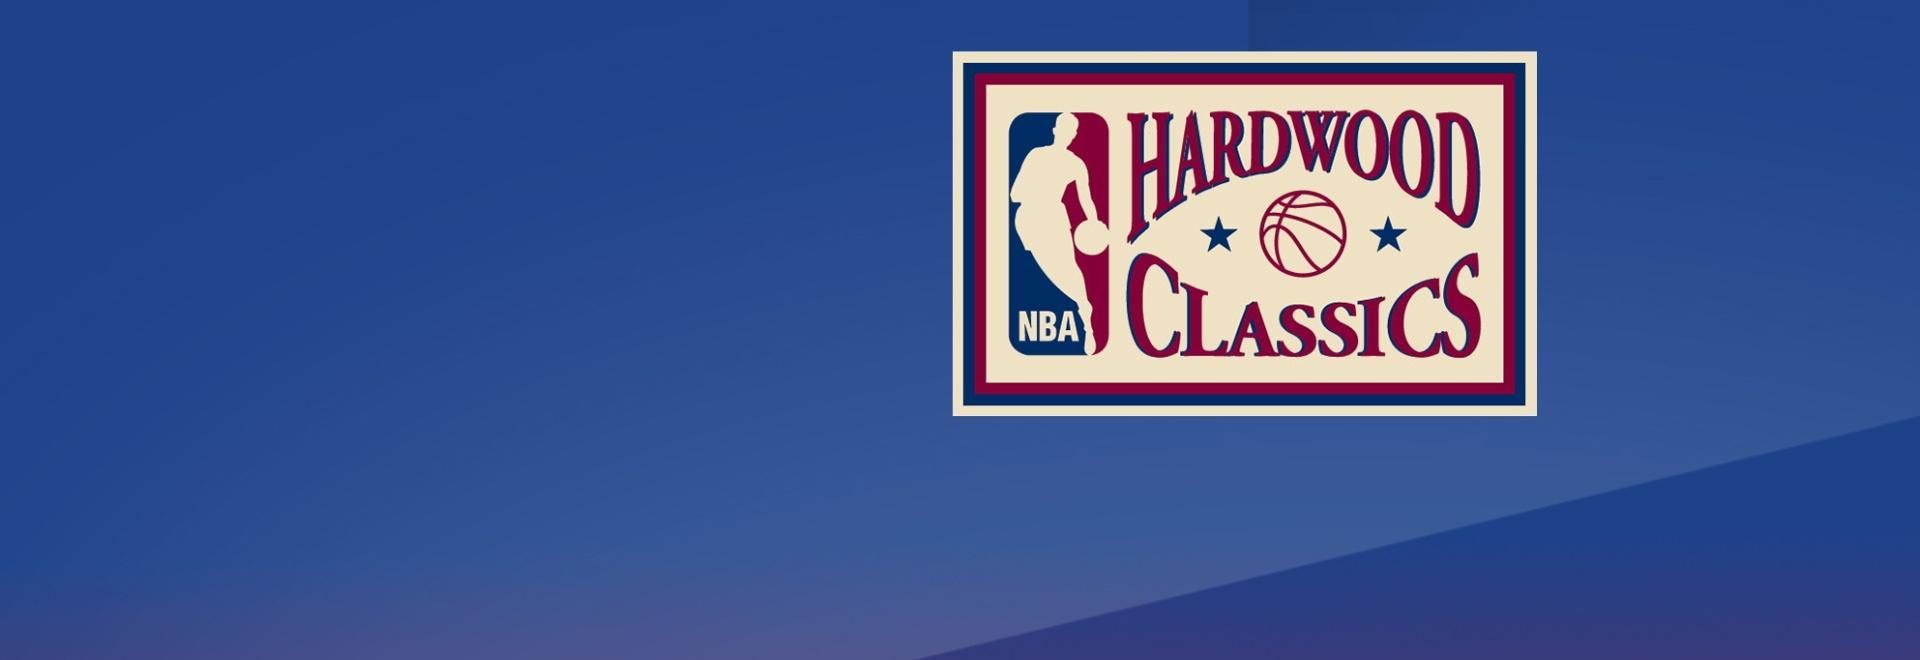 Spurs - Knicks 1999. Game 5. NBA Finals